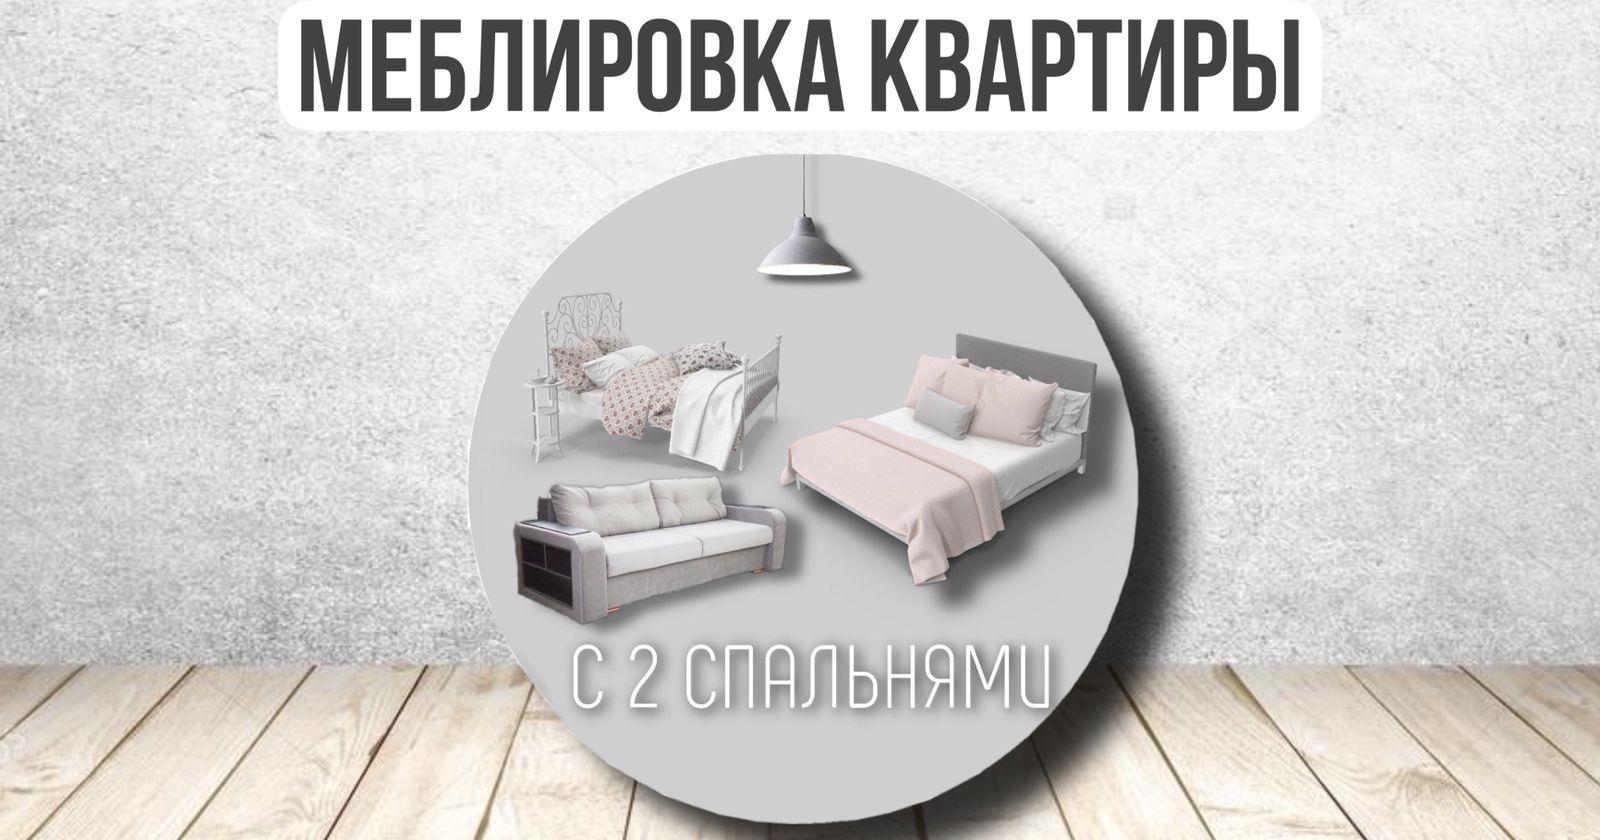 Меблировка квартиры с 2 спальнями